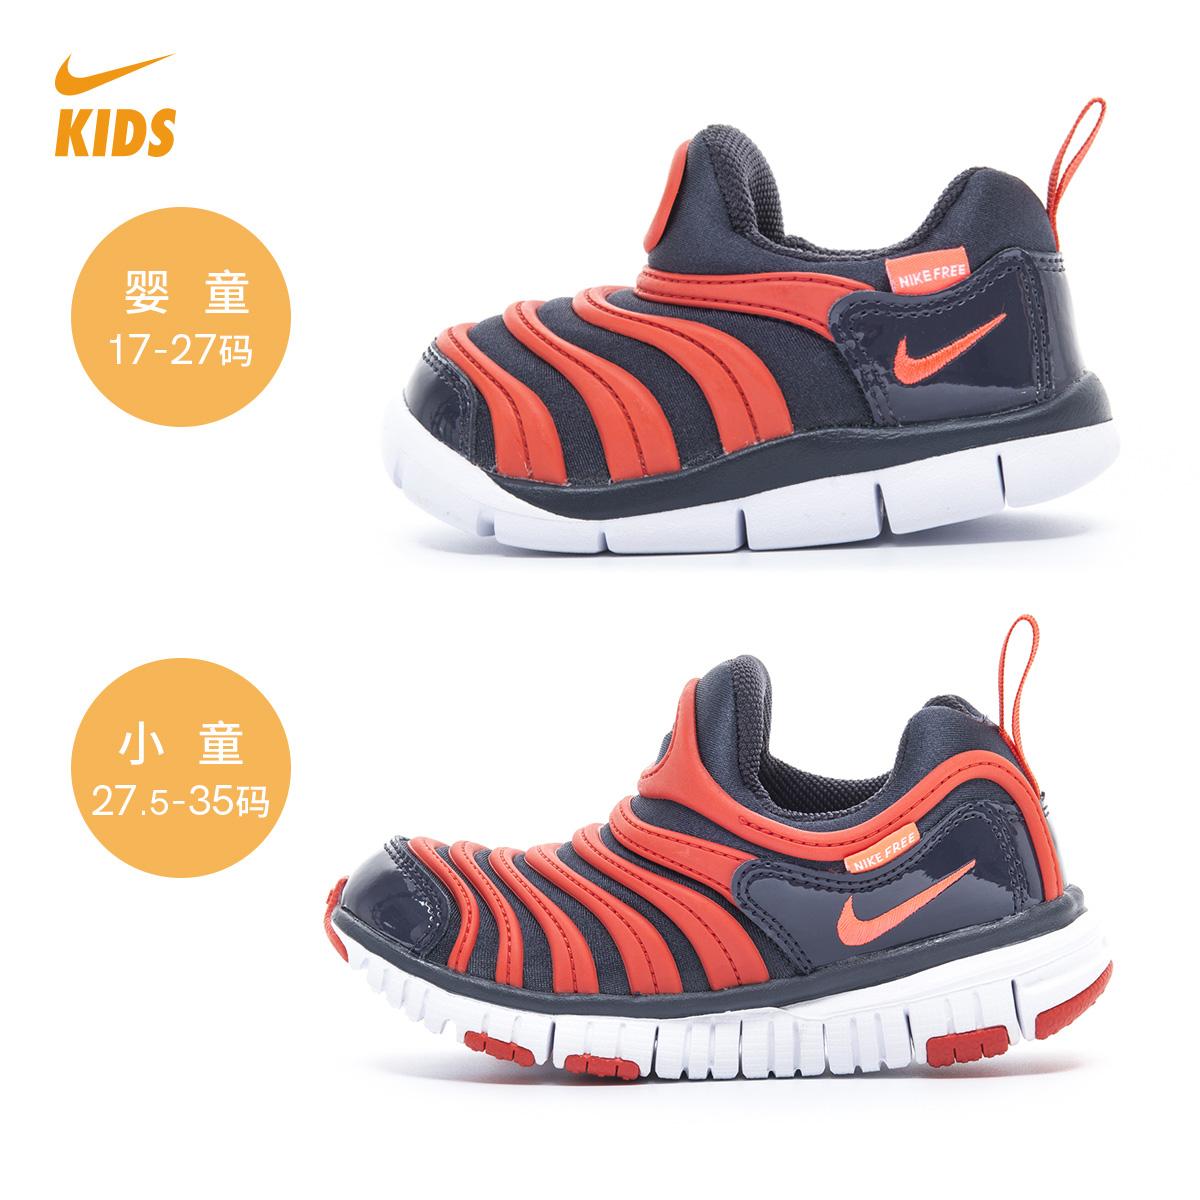 79893f4d6 Nike / nike гусеницы детская обувь мальчиков и девочек мальчиков  амортизирующие спортивную обувь детские кроссовки осень